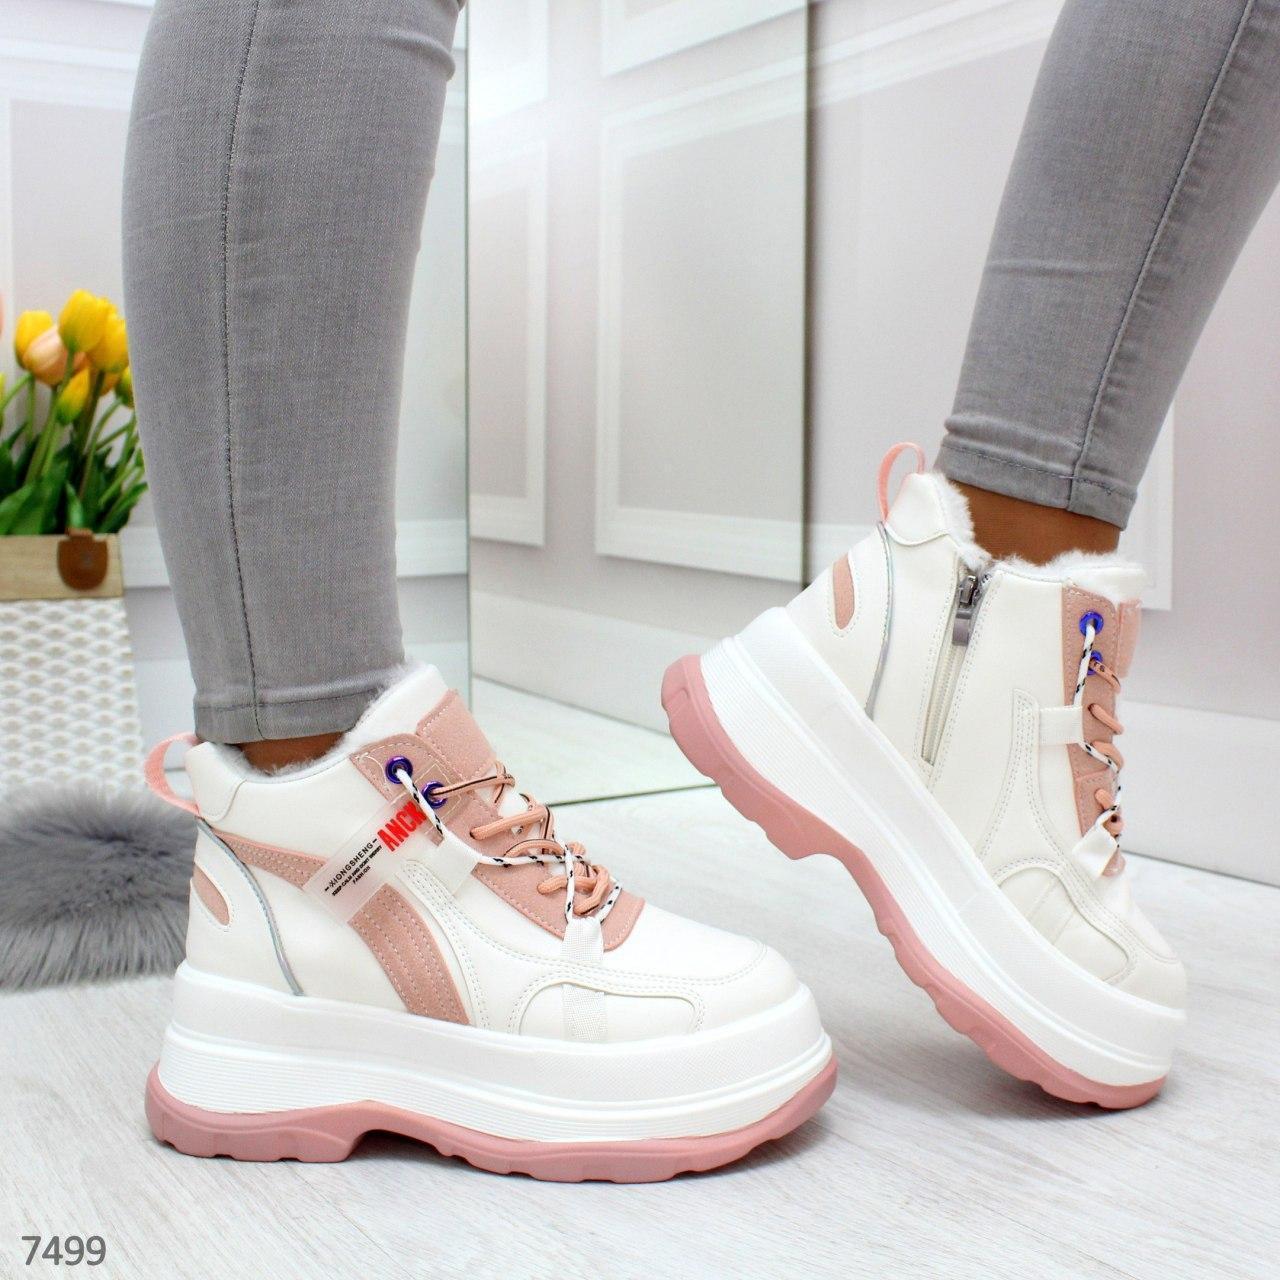 Женские зимние кроссовки на платформе на меху kap7499